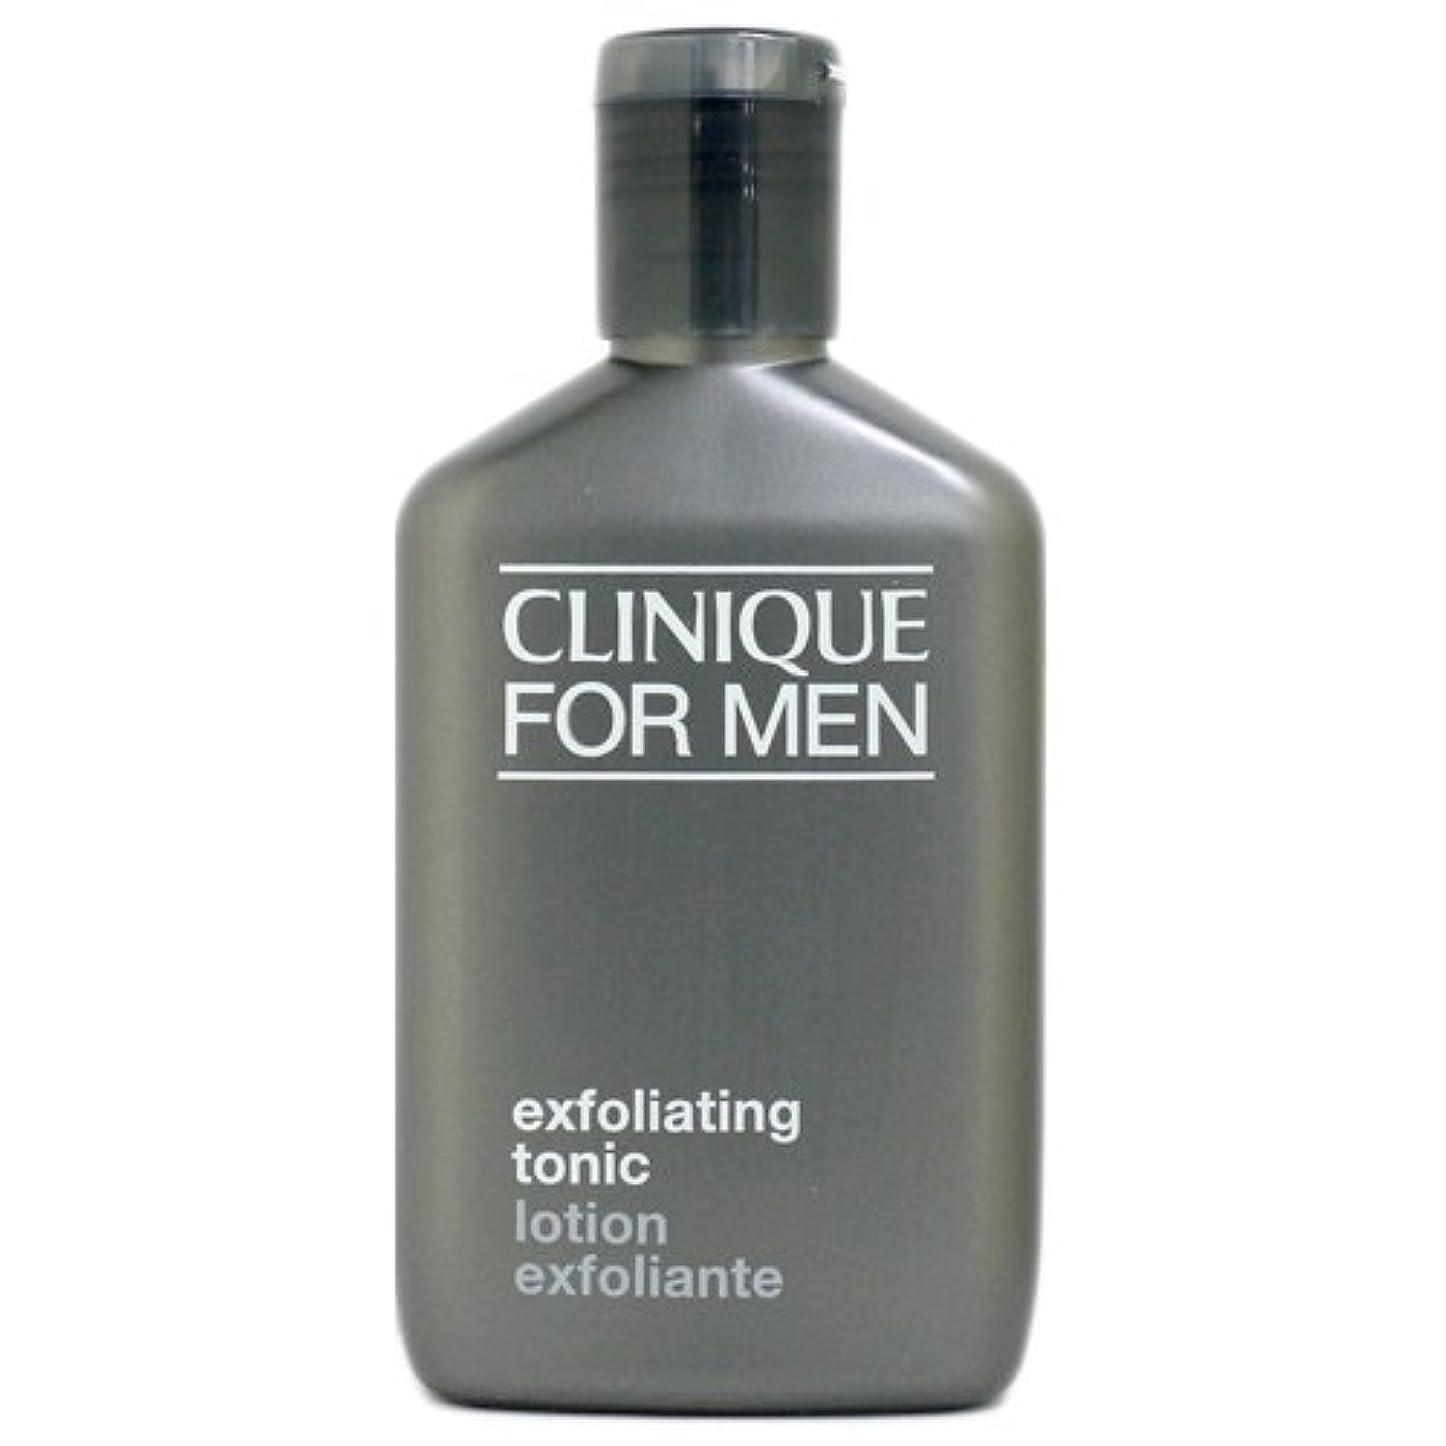 ラジカル優勢陰謀クリニークフォーメン(CLINIQUE FOR MEN) エクスフォリエーティング トニック 200ml[並行輸入品]